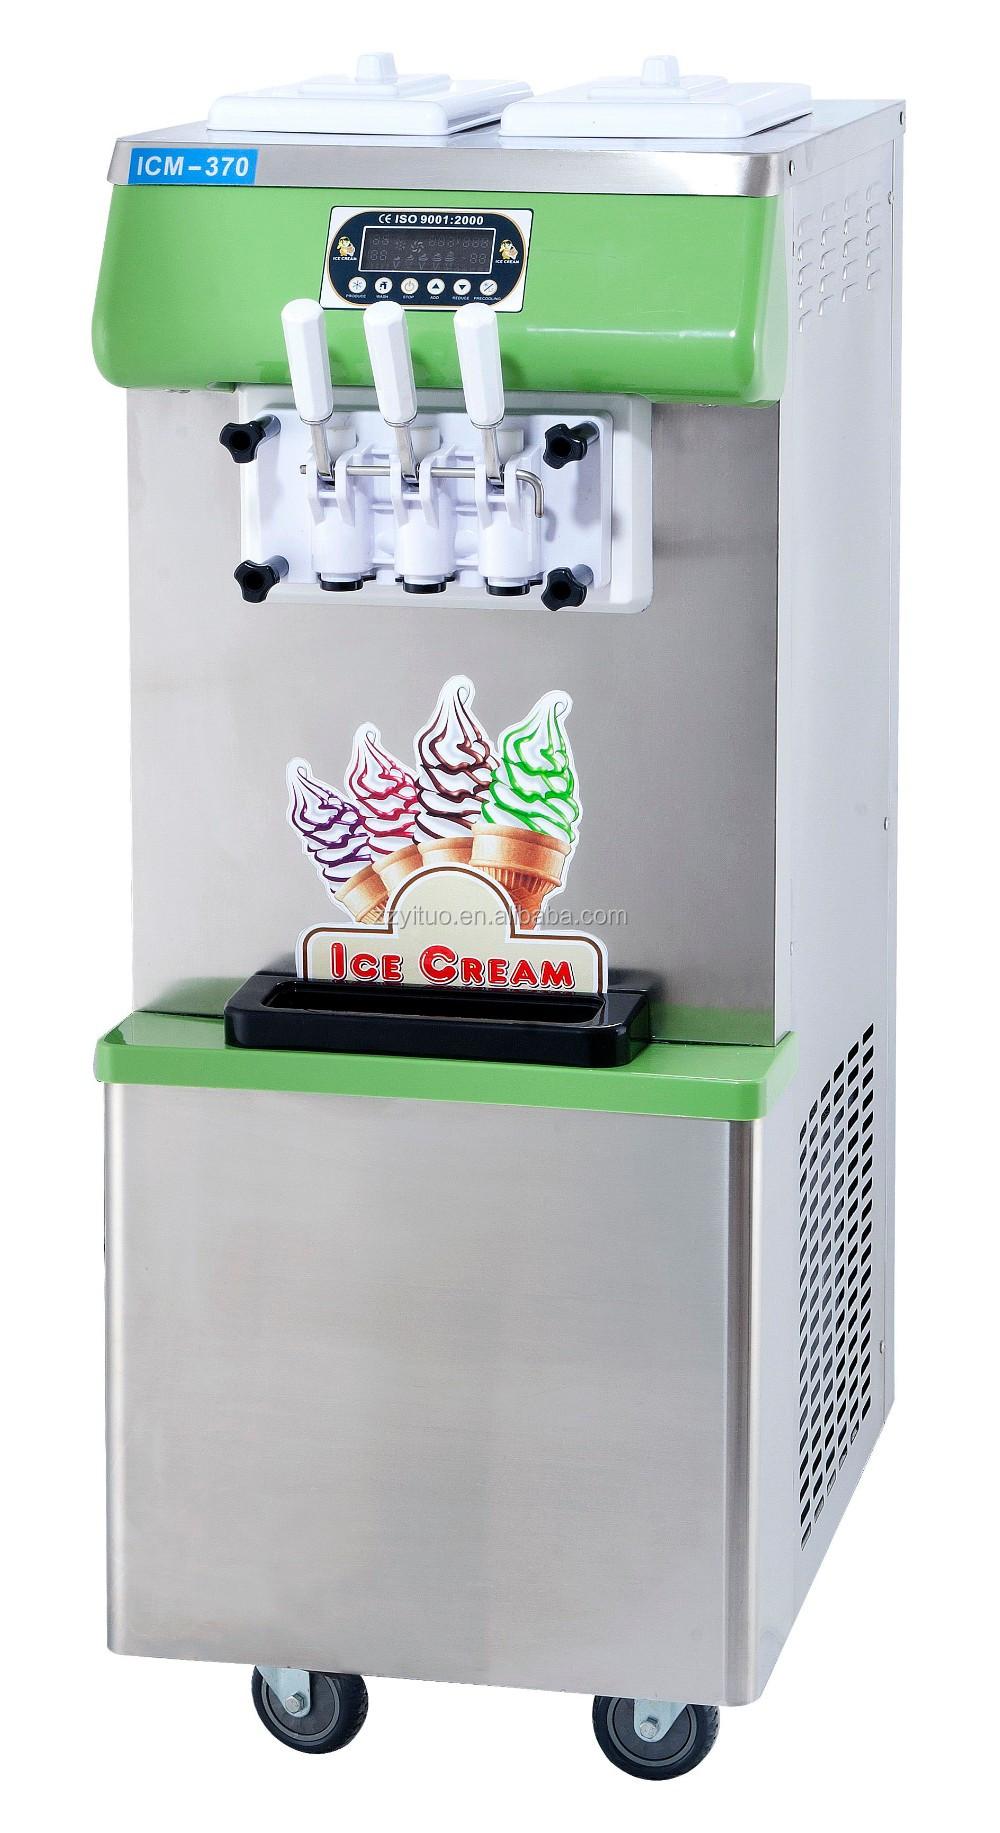 R22 Refrigerant For Sale >> Crème glacée Molle Chocolat Utilisé Molle Machine À Crème ...